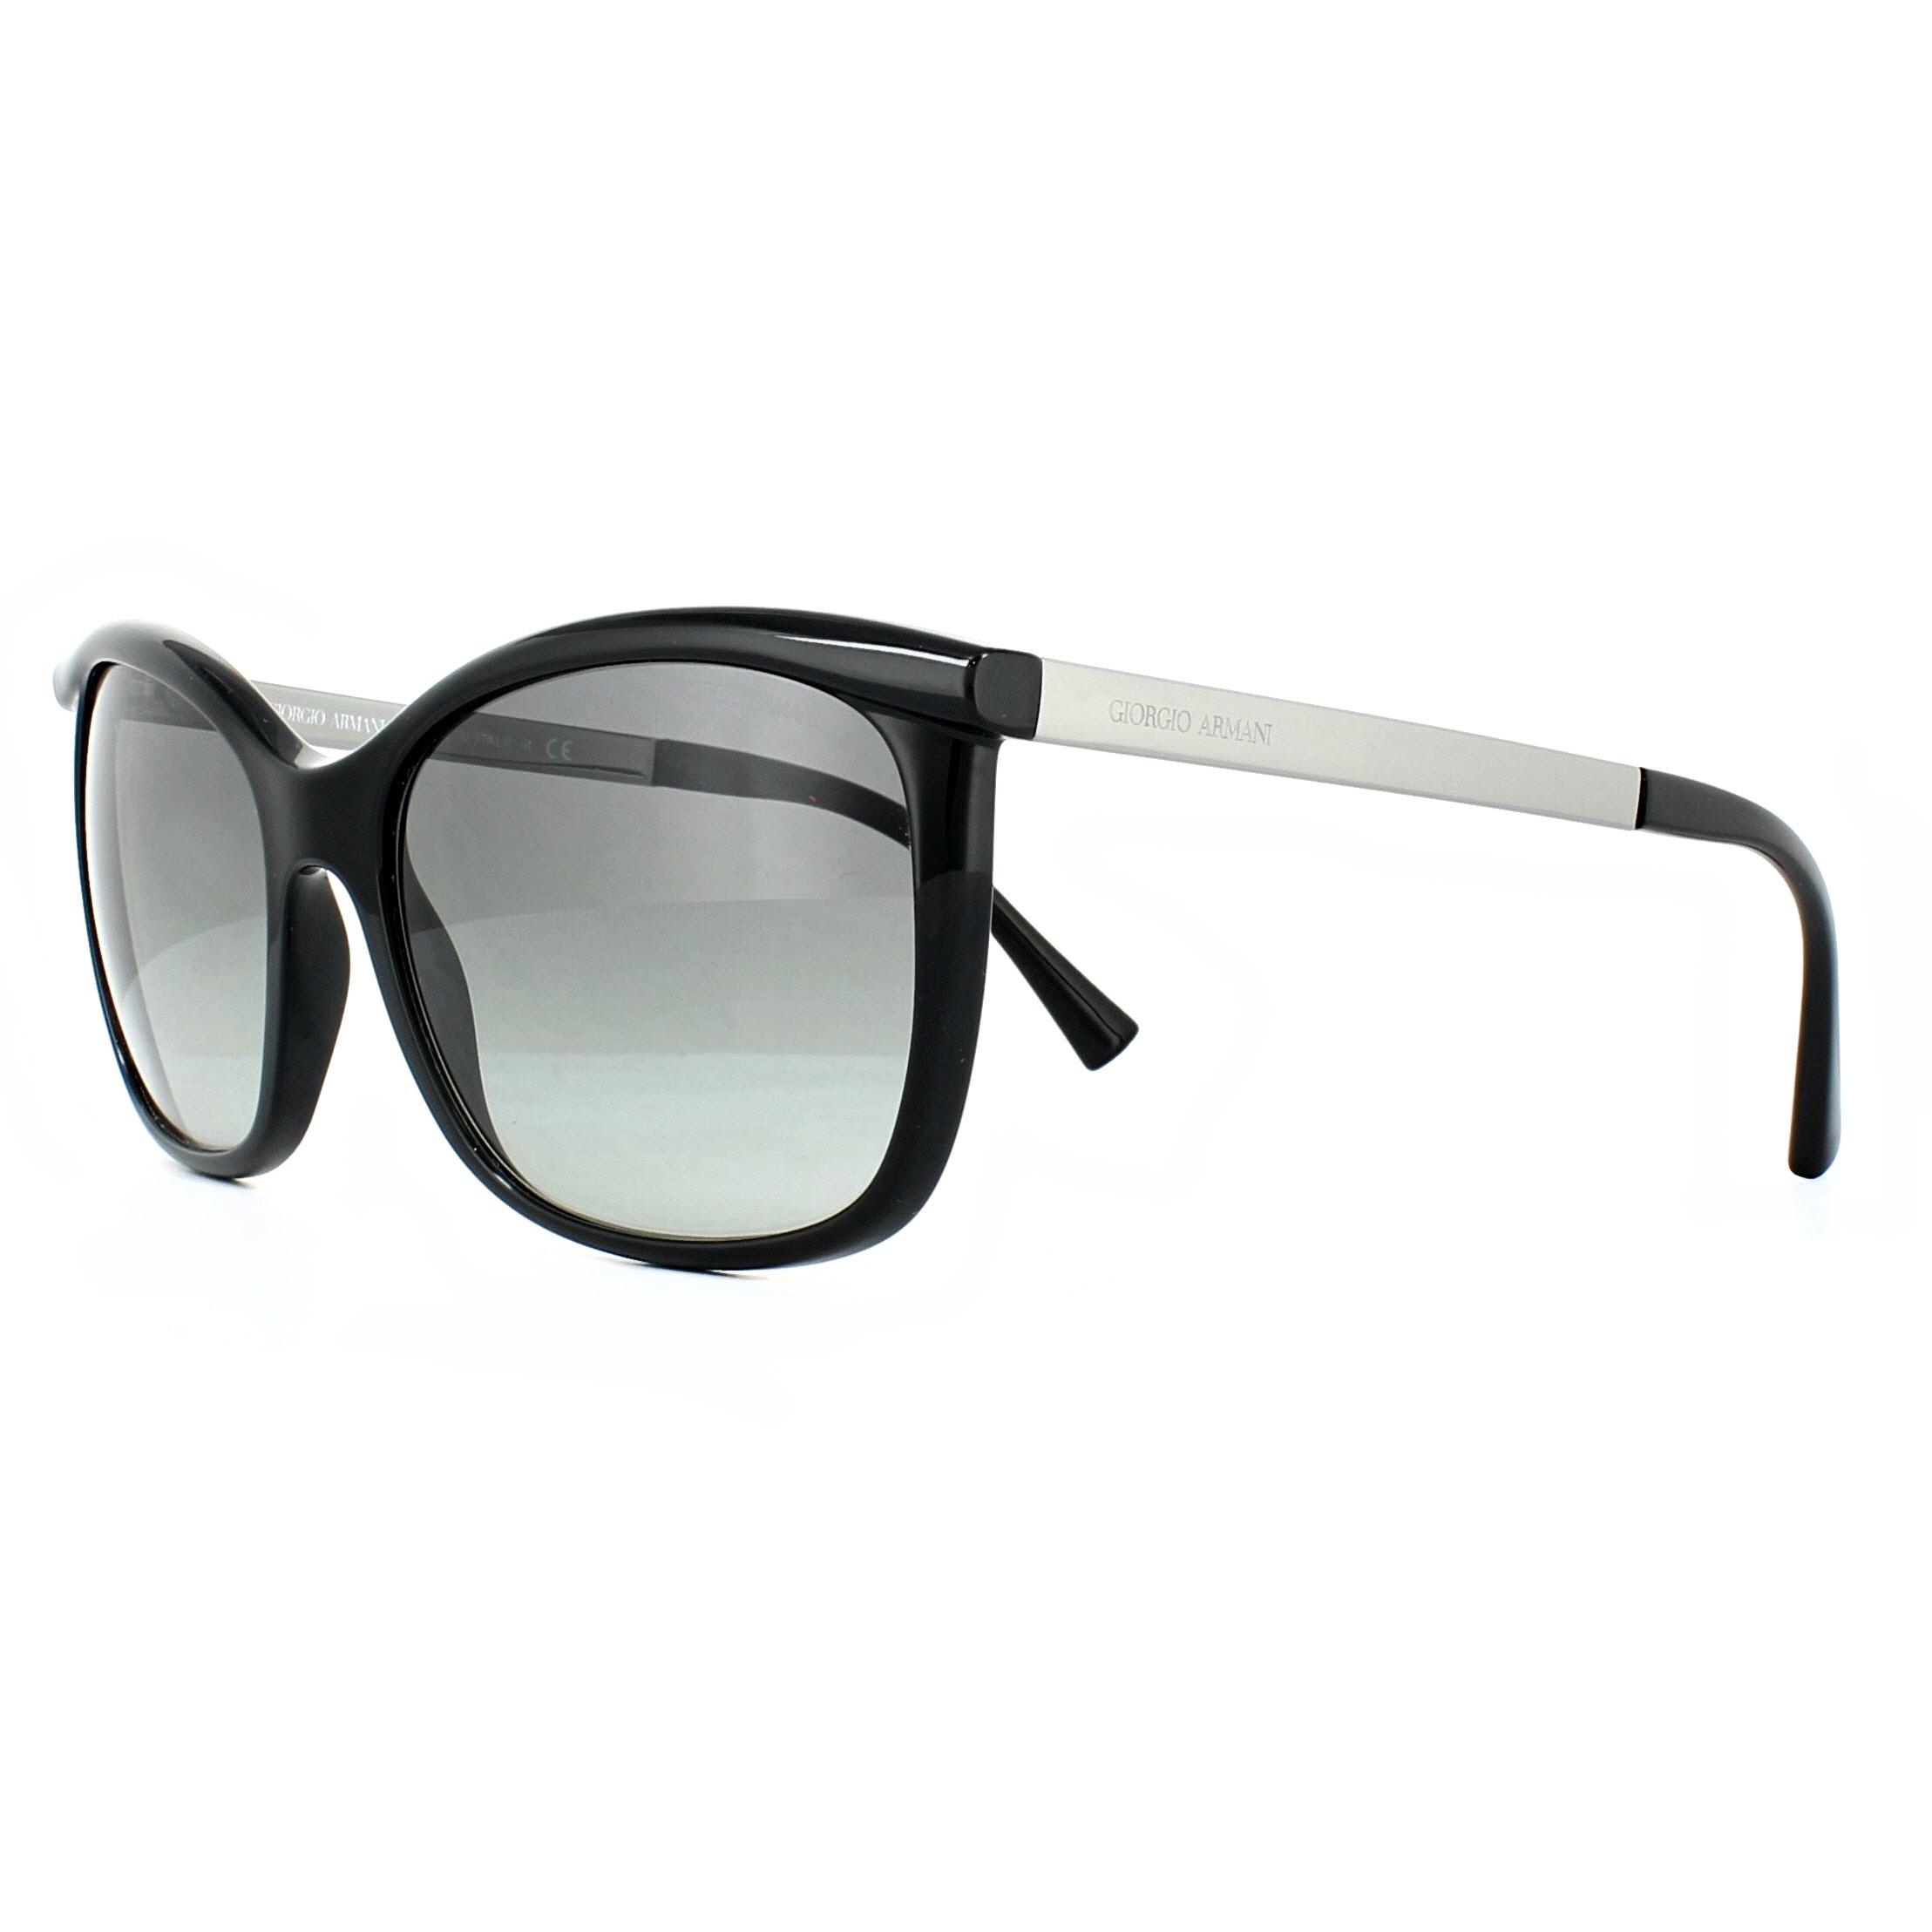 a996f438f0 Sentinel Giorgio Armani Sunglasses AR8069 501711 Black Grey Gradient